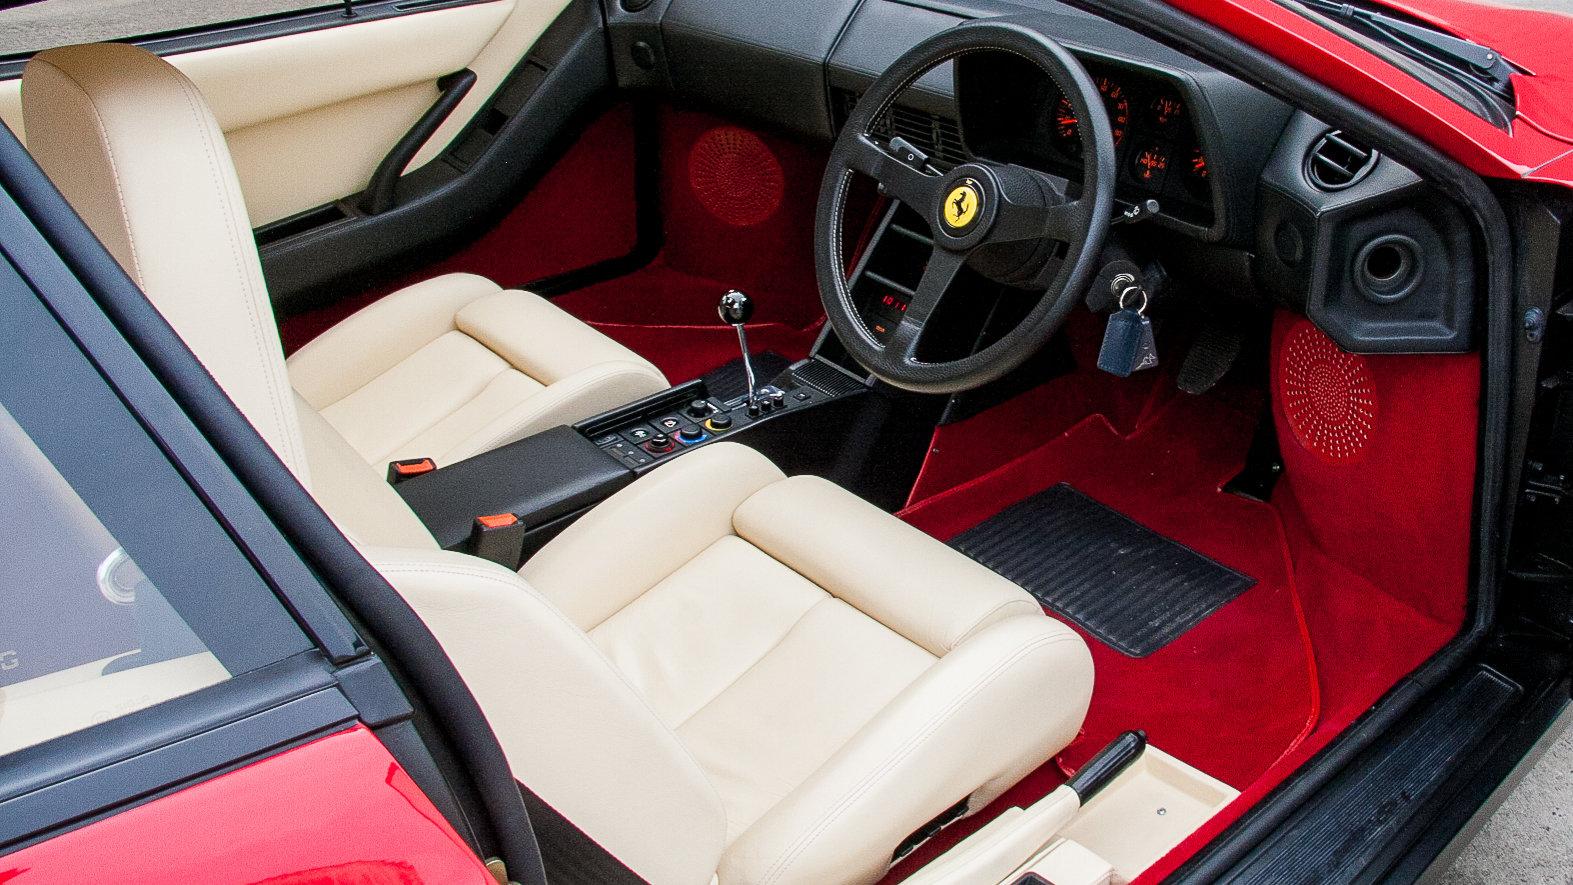 1991 Ferrari Testarossa - 1 owner - low mileage For Sale (picture 6 of 6)